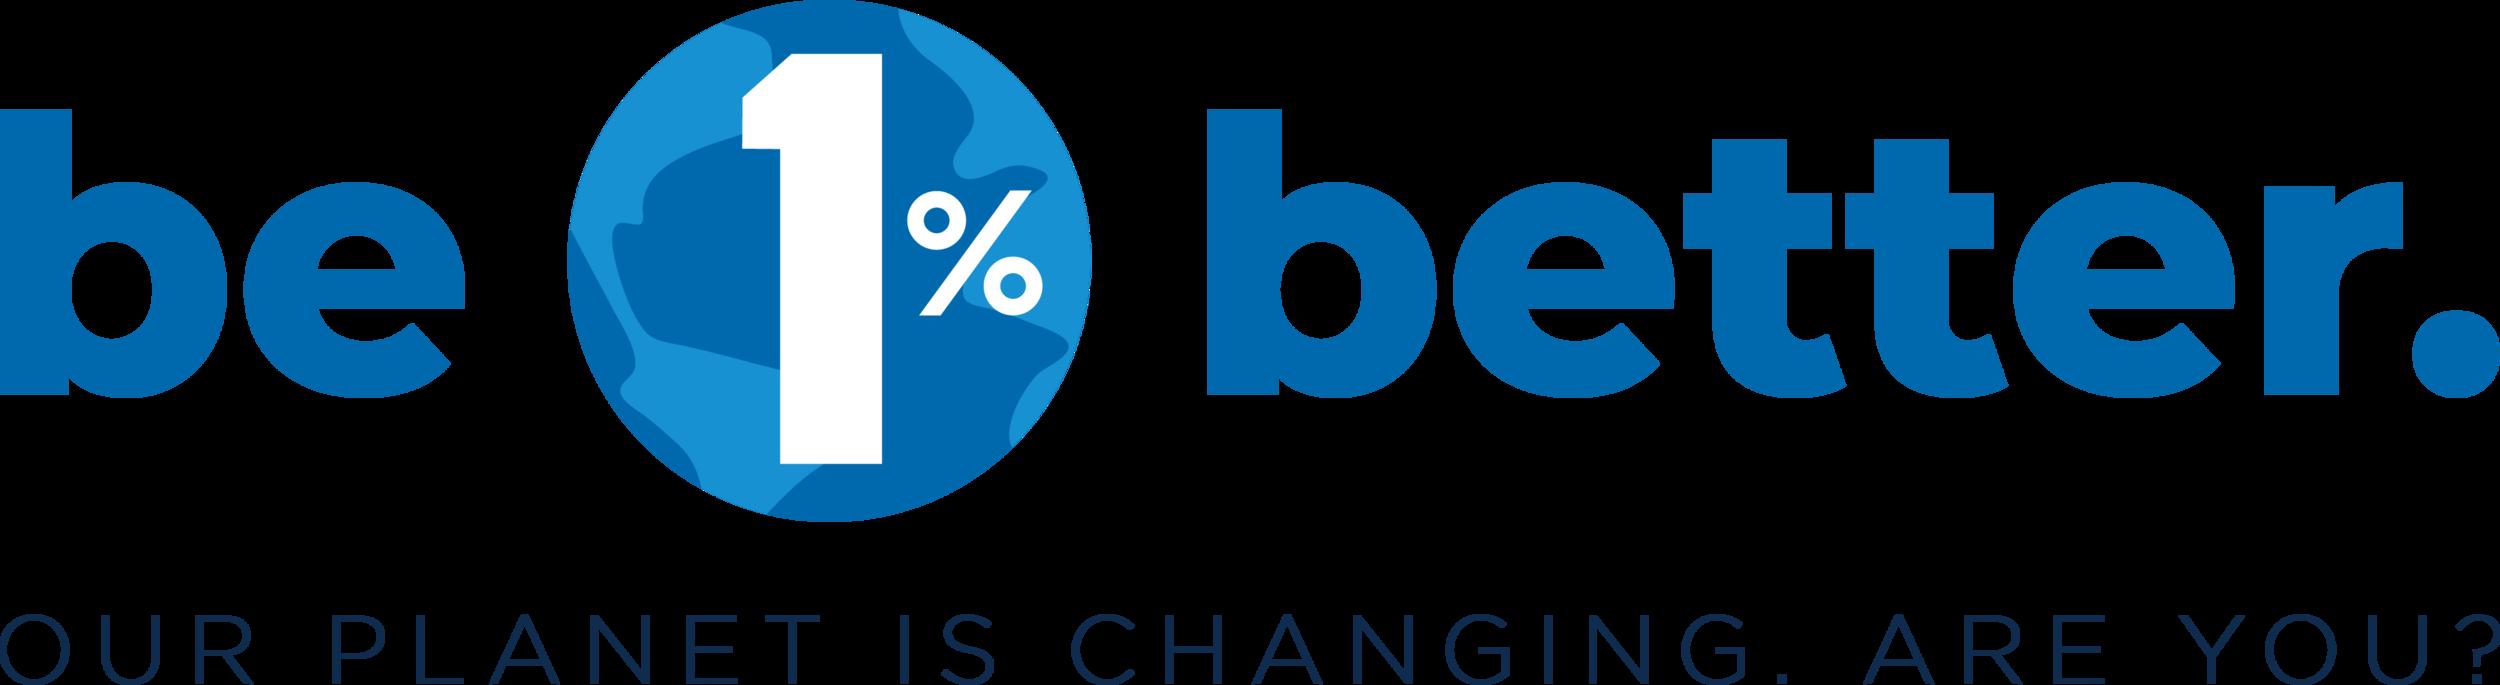 1FTP_B1B_logo_tagline1.png